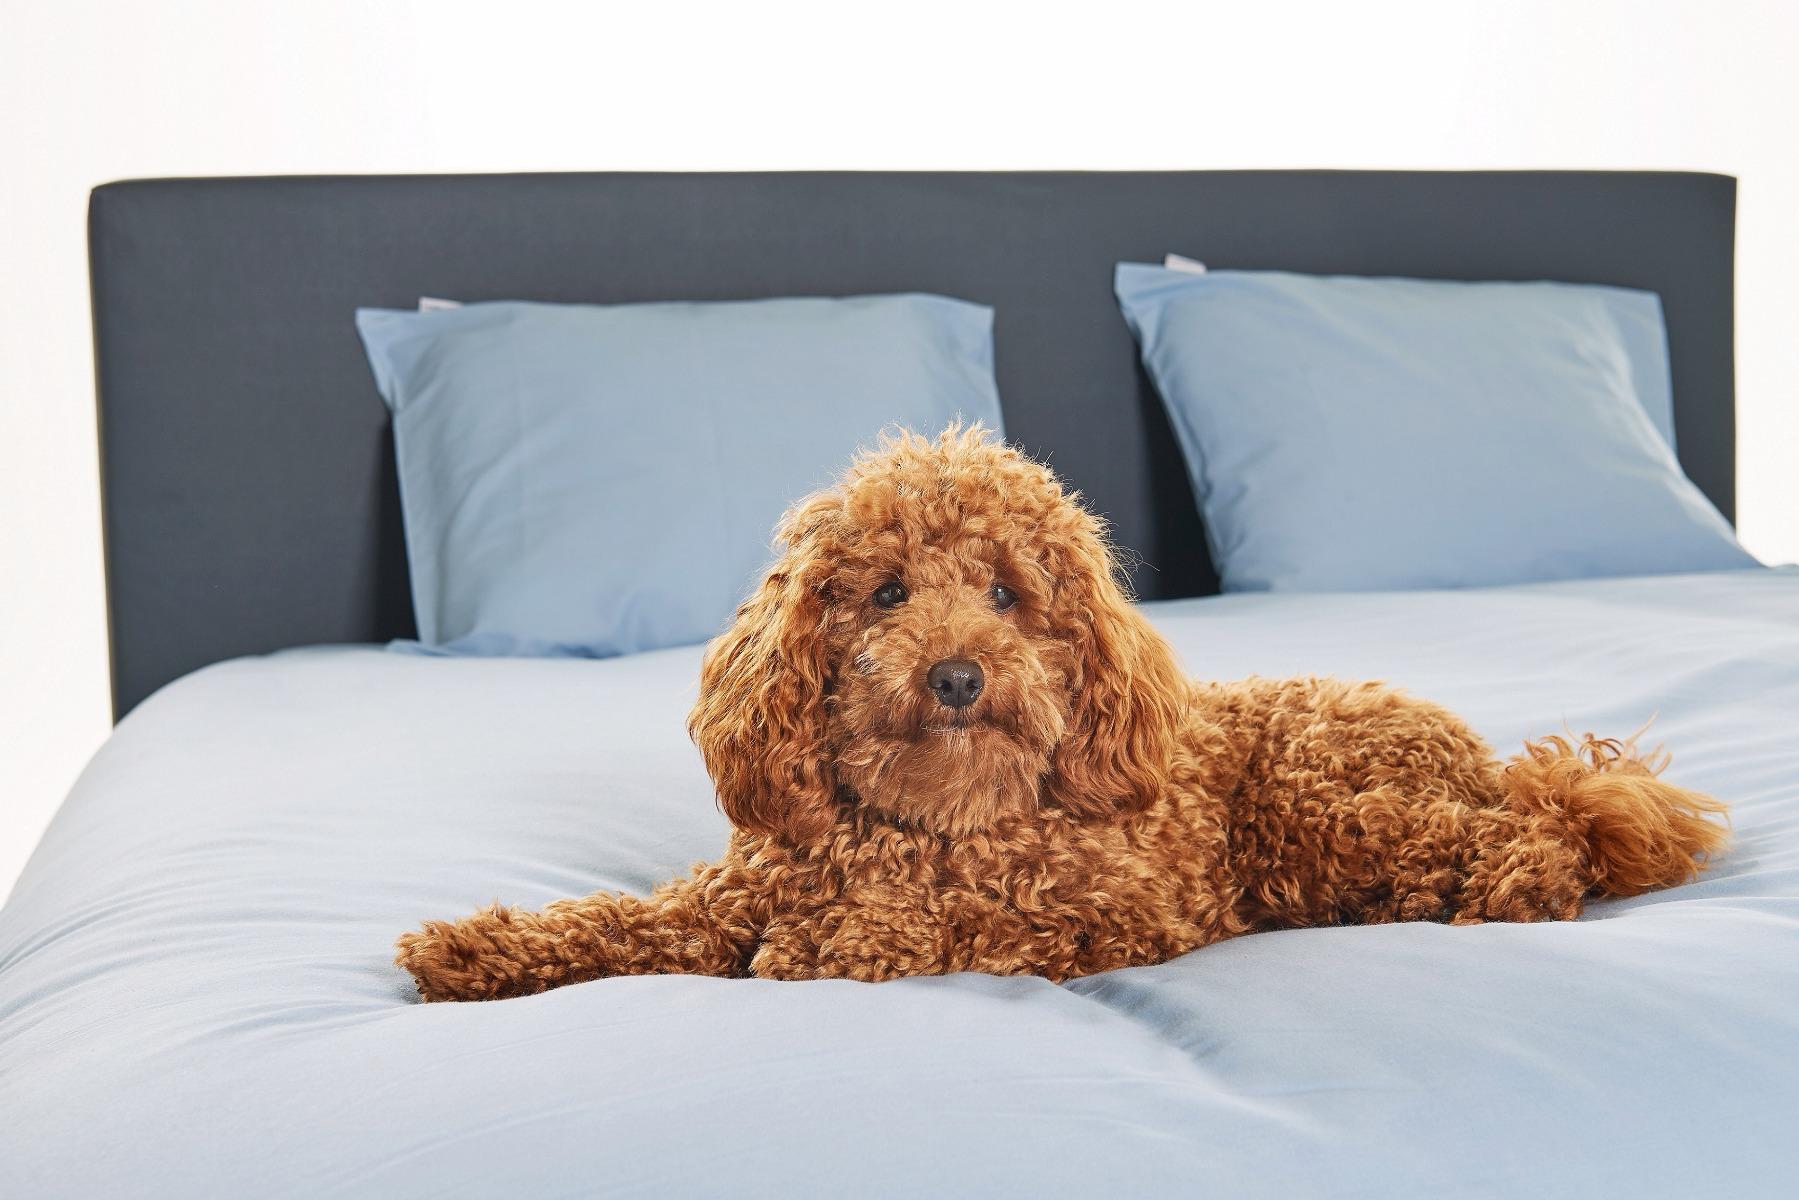 hond-op-bed-of-op-slaapkamer